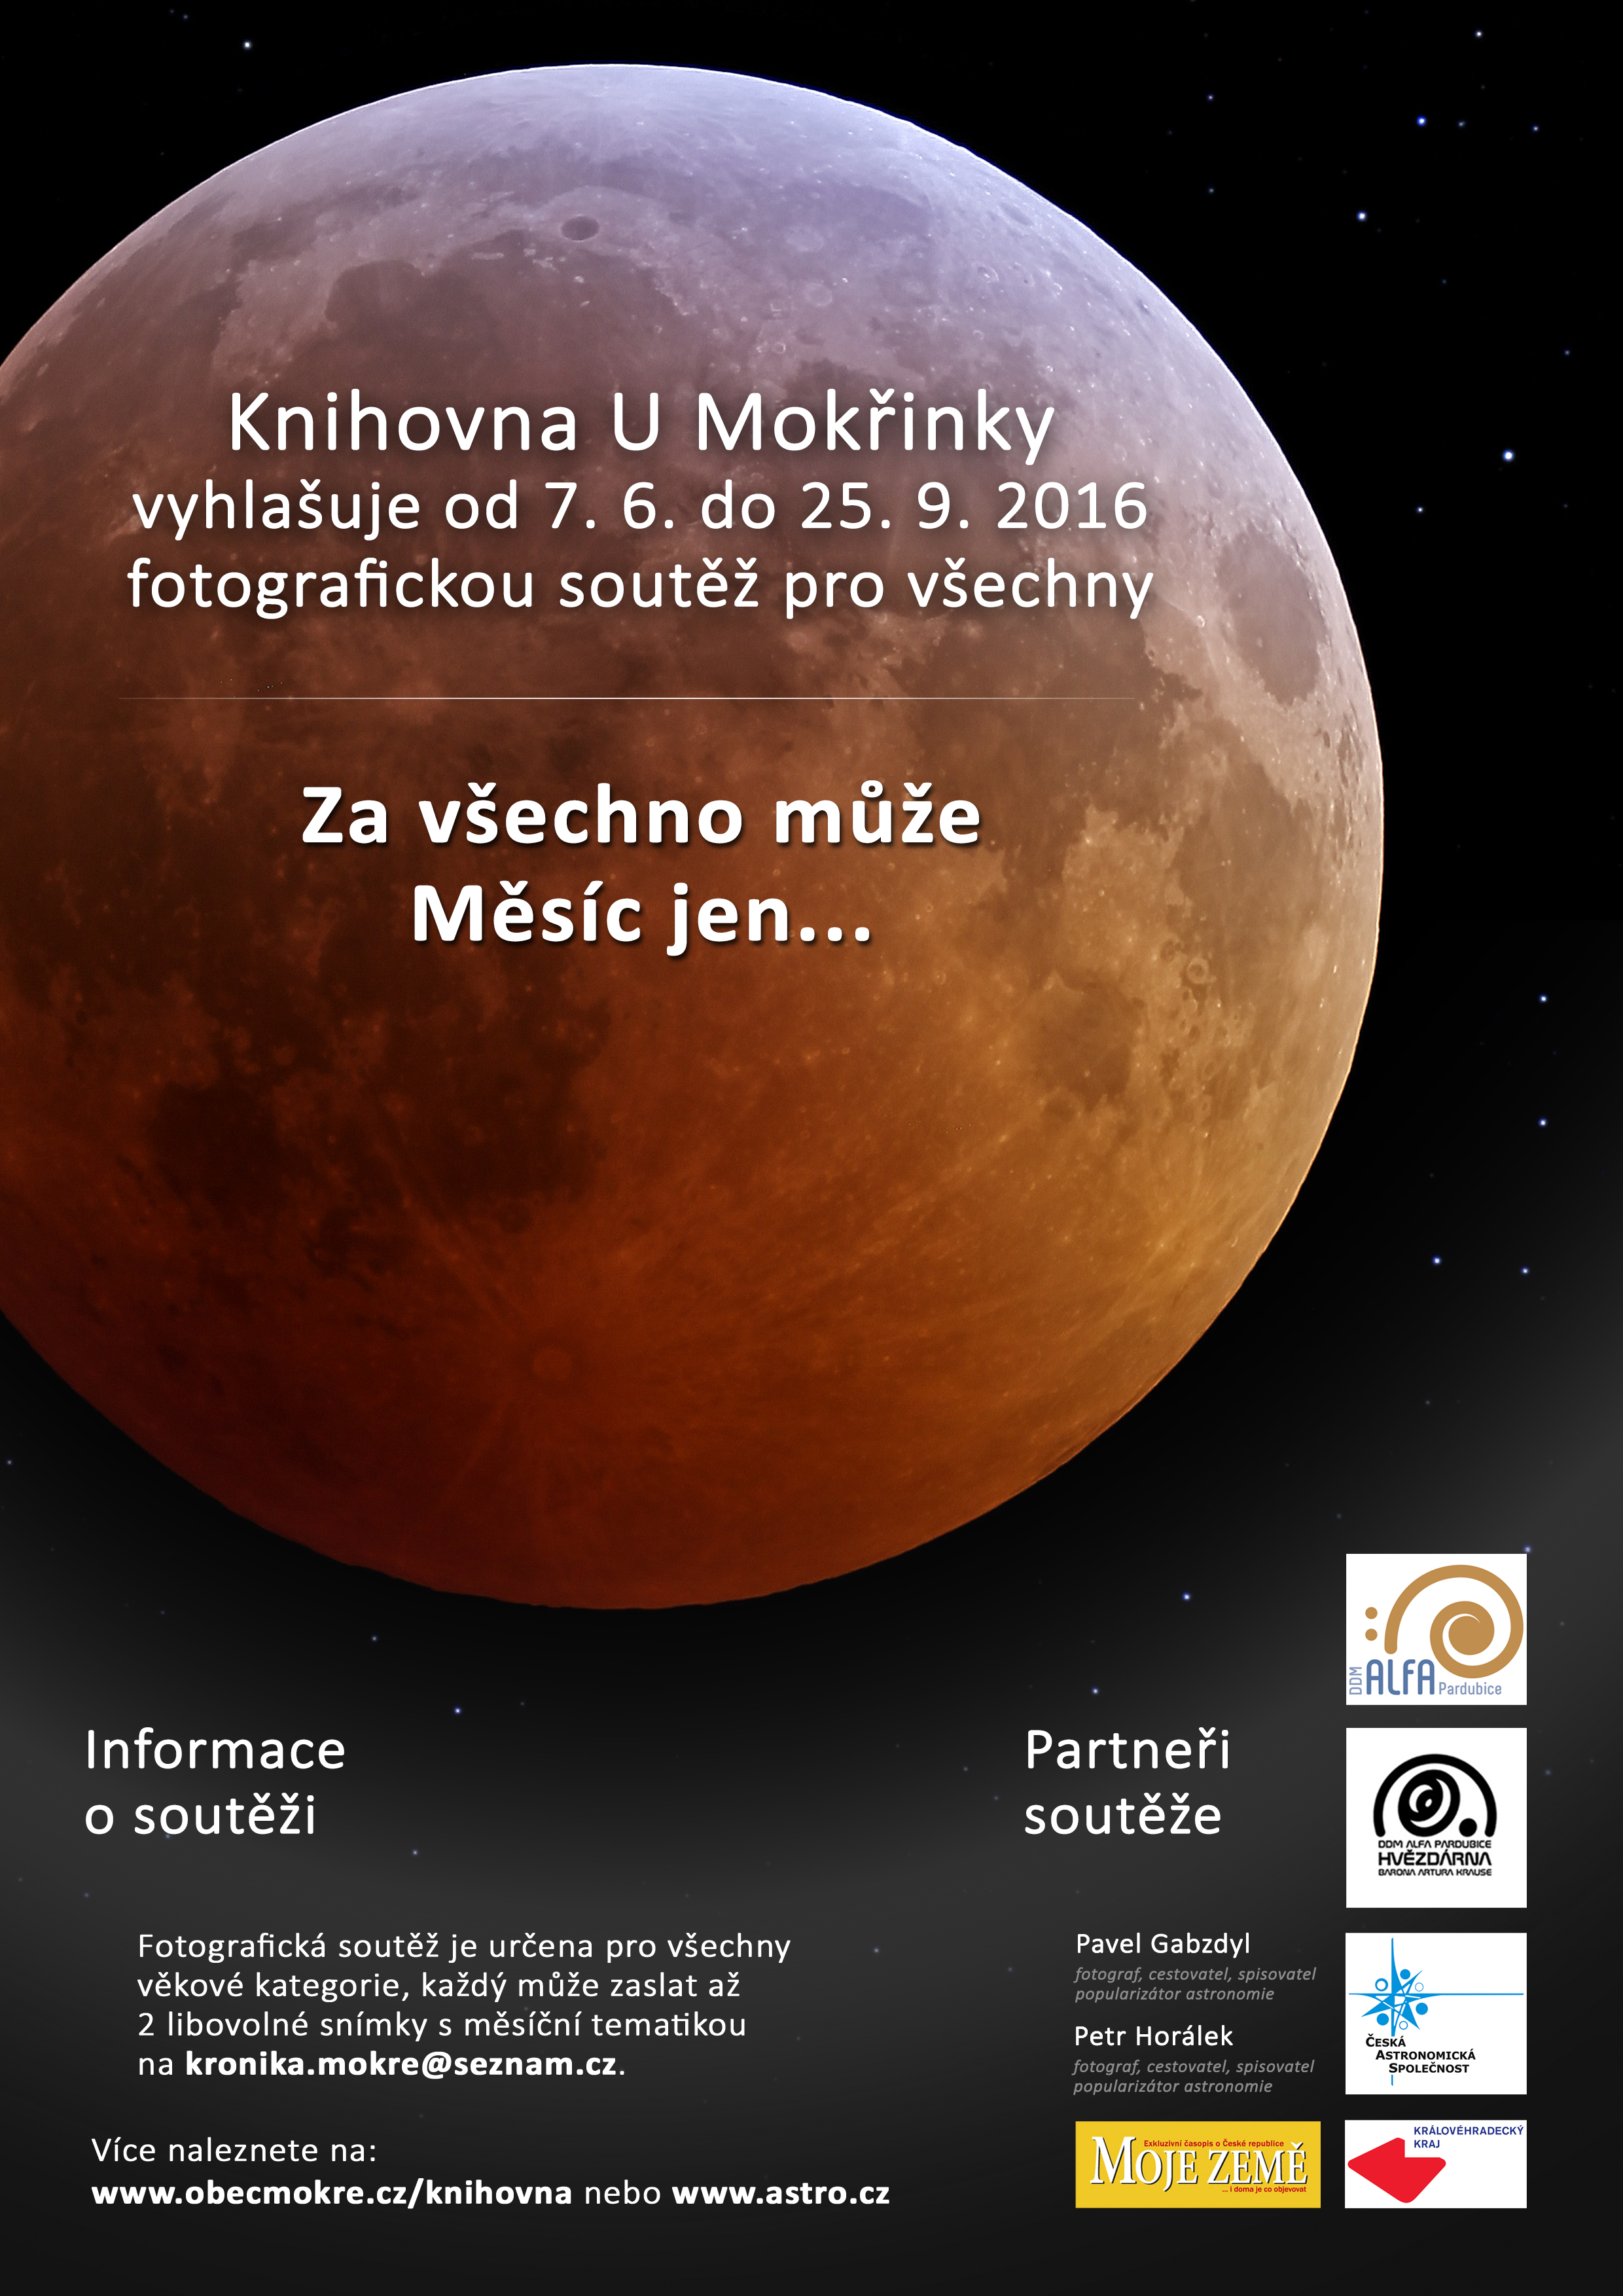 Nemovitosti Provodov-onov | sacicrm.info